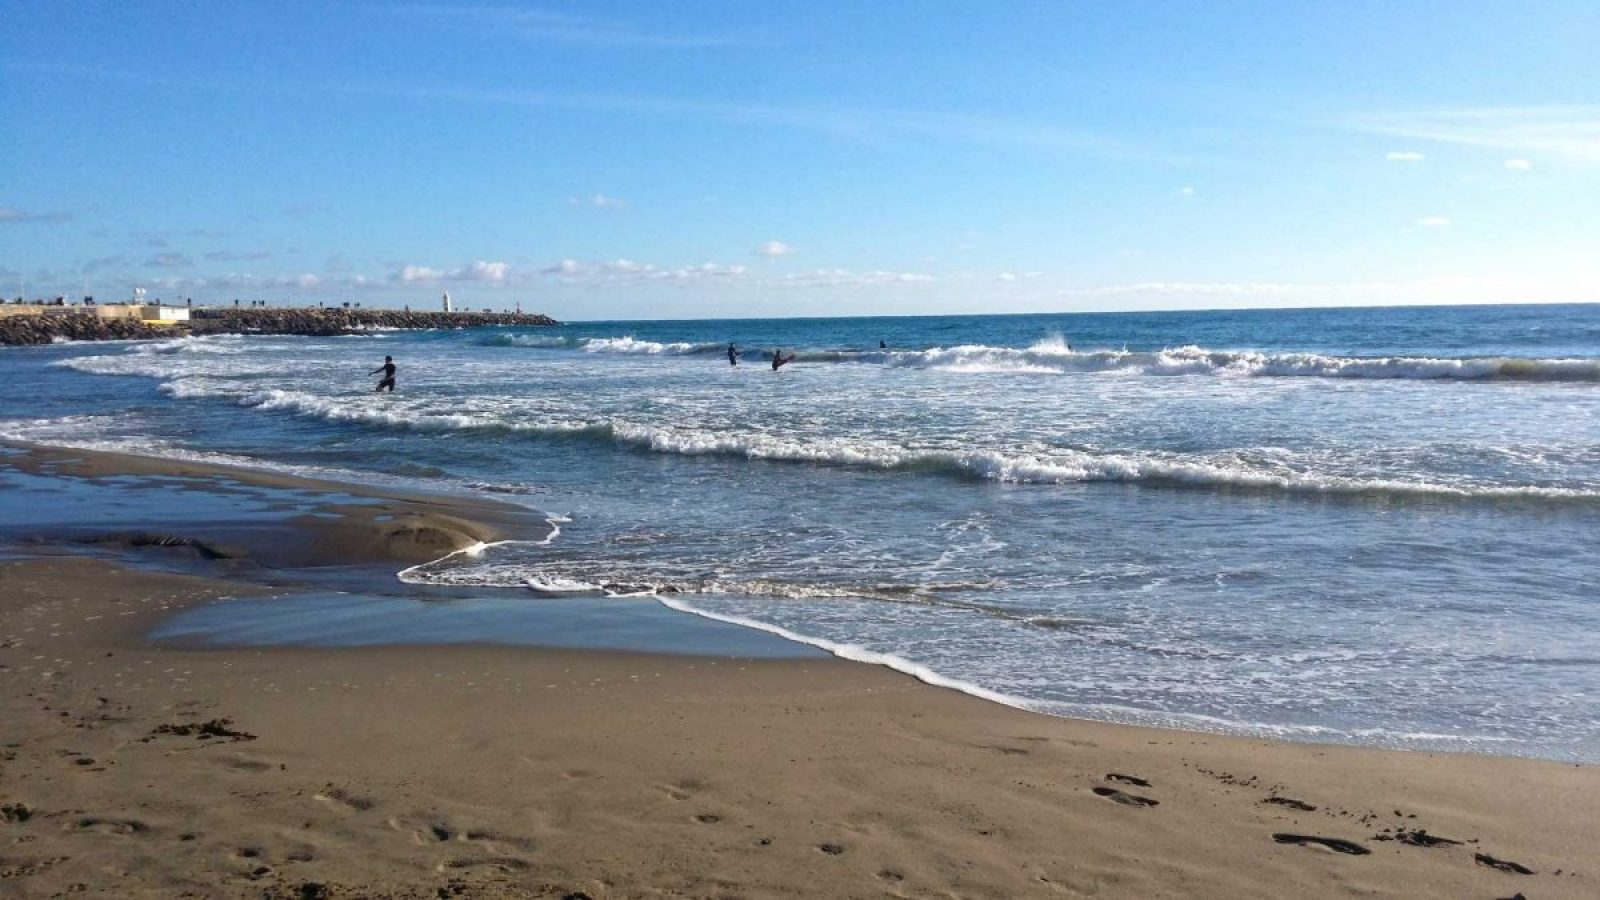 Am Strand von Porto Maurizio.Ferienhaus in Ligurien